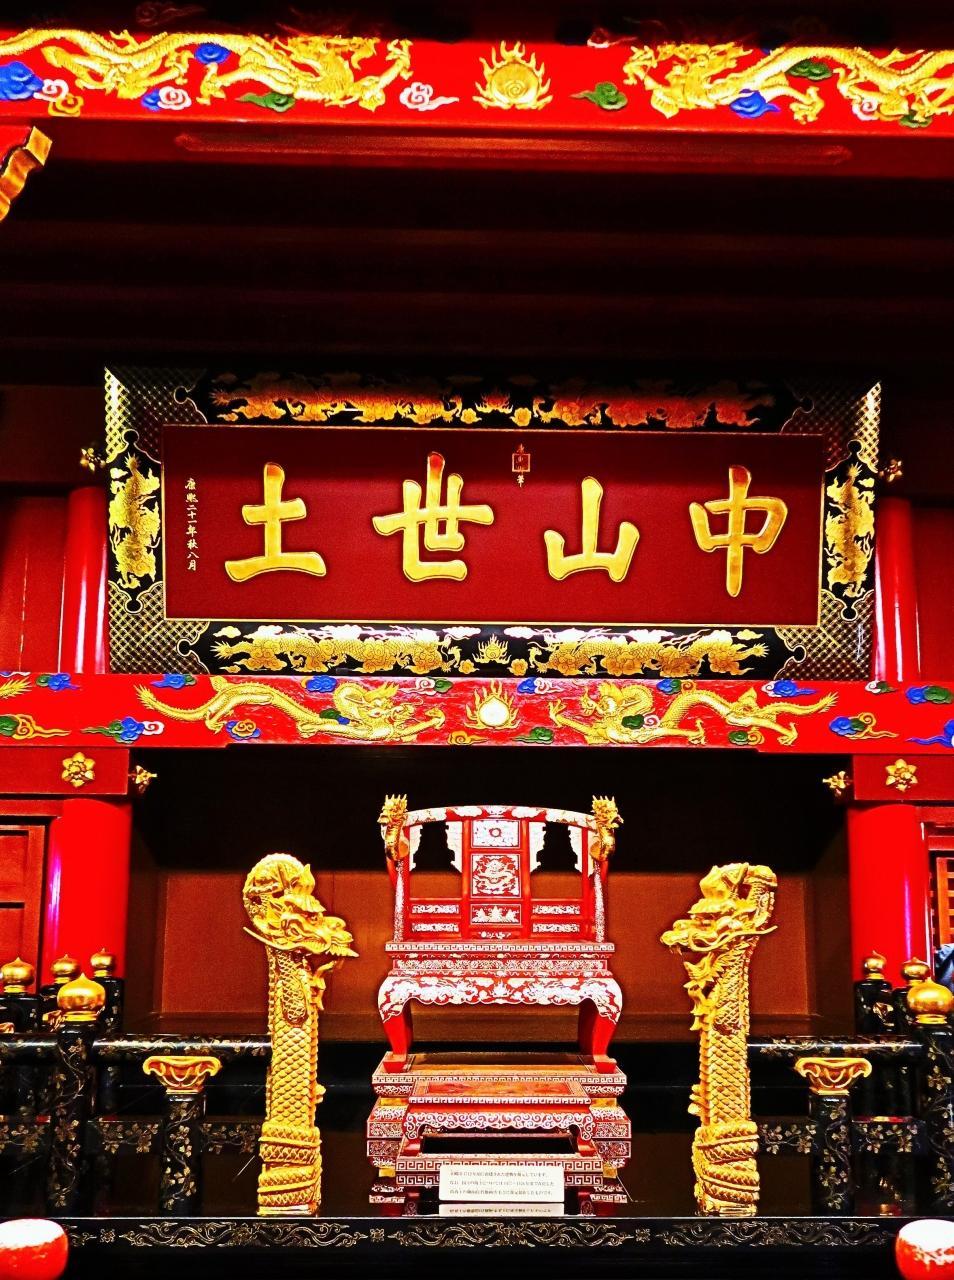 沖縄27 首里城e (正殿内部,御差床/玉座) ☆豪華な中枢・清国皇帝